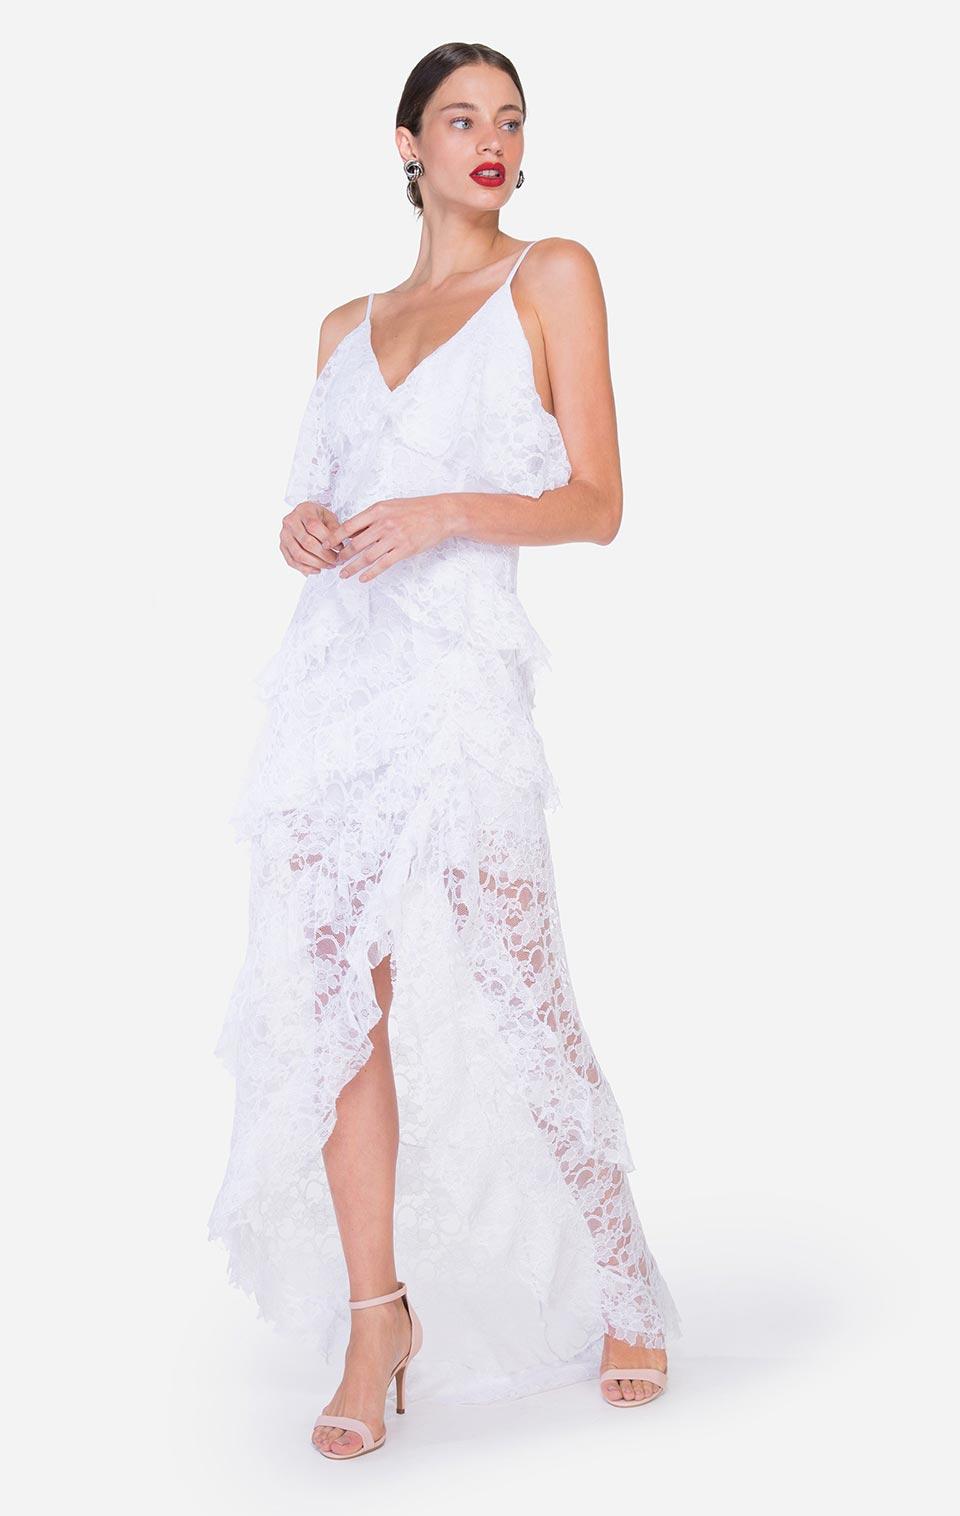 Comprar vestido branco longo de renda